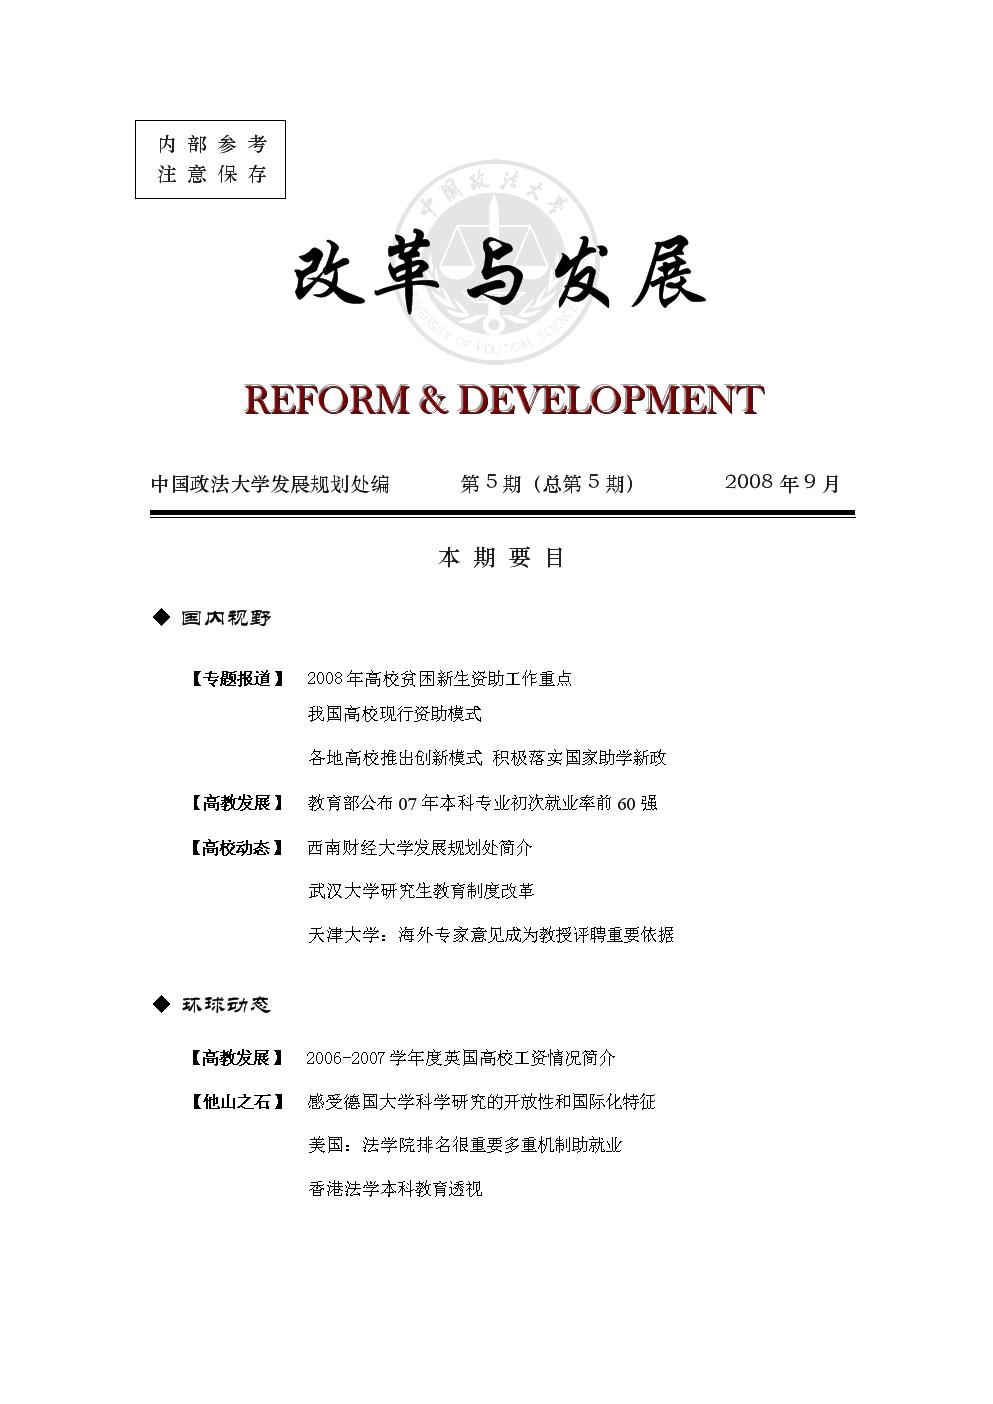 中国人同学录校��oe_中国教育新闻网1,高校家庭经济困难学生资助政策体系主要内容 2007年